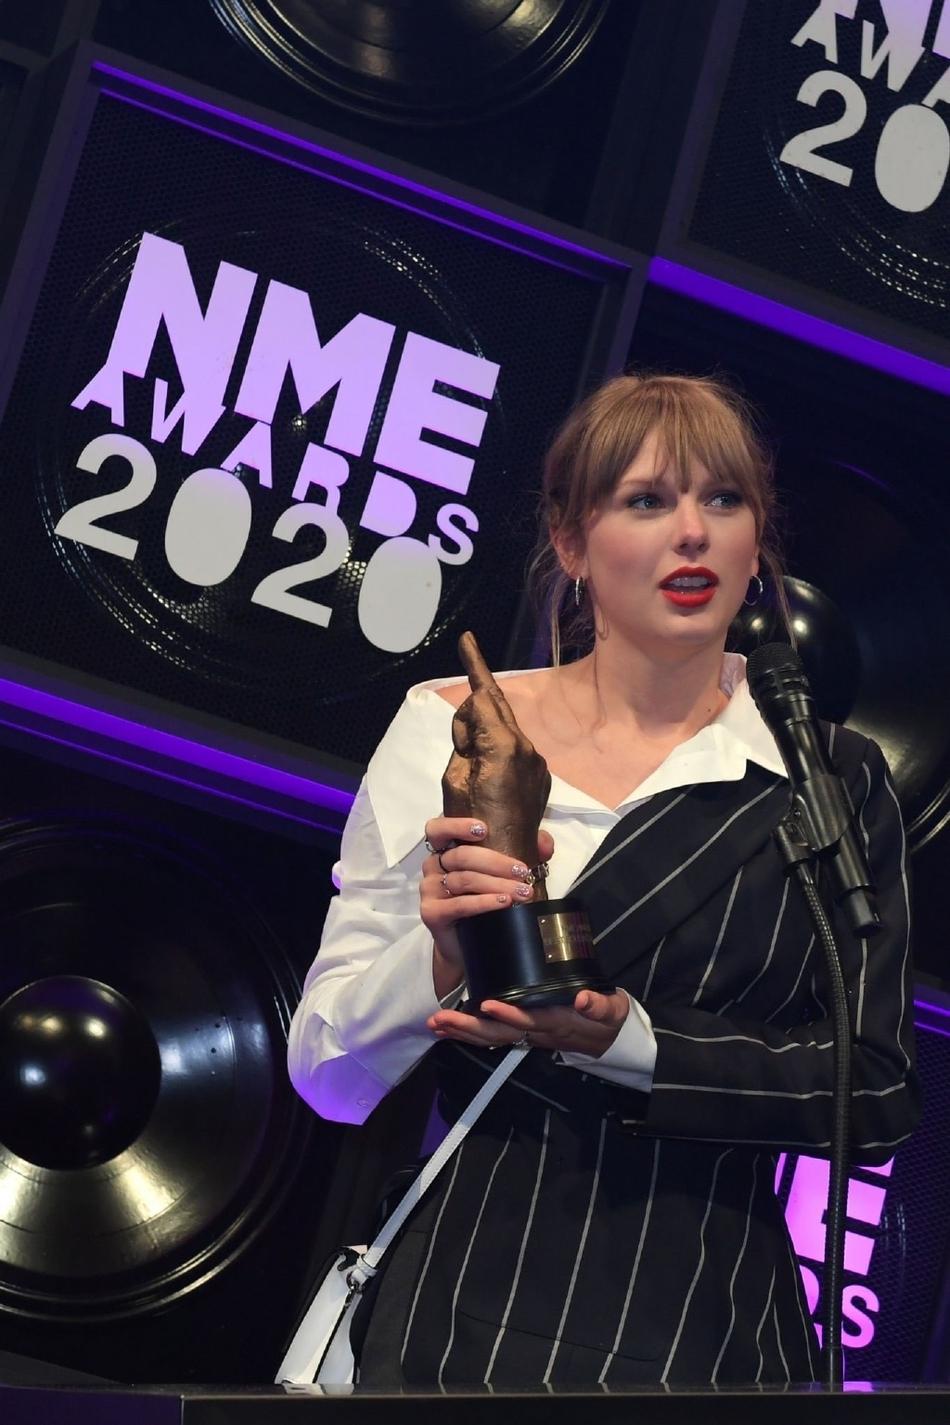 2020年NME颁奖典礼举行 霉霉获世界最佳Solo艺人